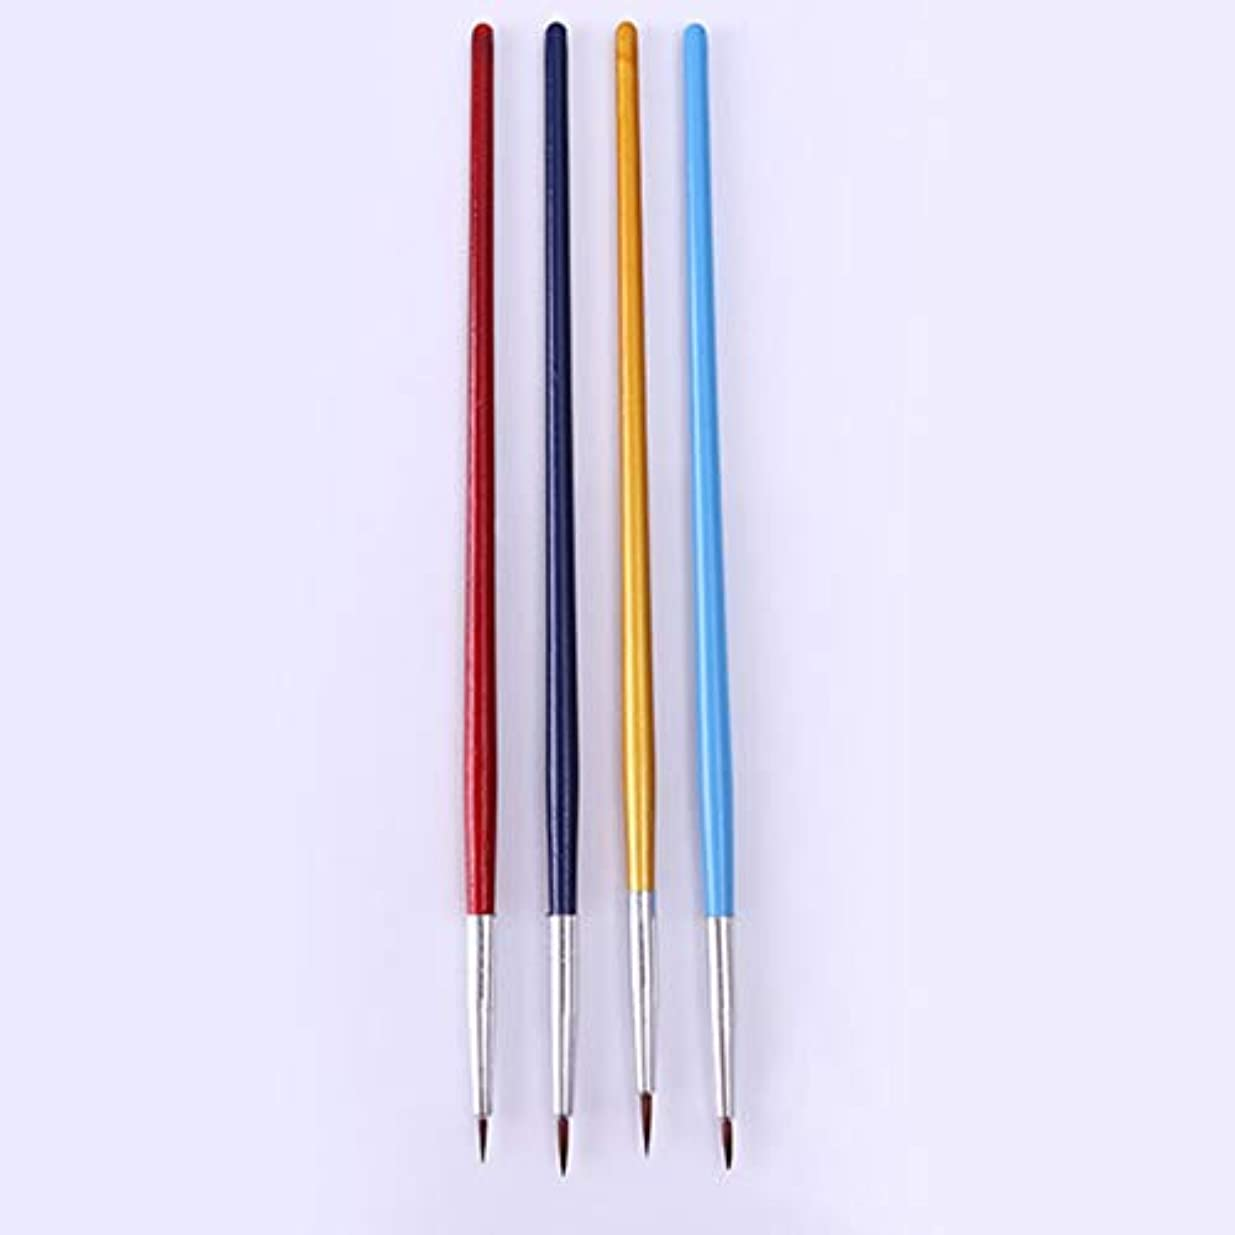 ために敵対的染料Quzama-JS ブラシブラシペンキ塗りペンブラシブラシブラシブラシ(None Picture Color)